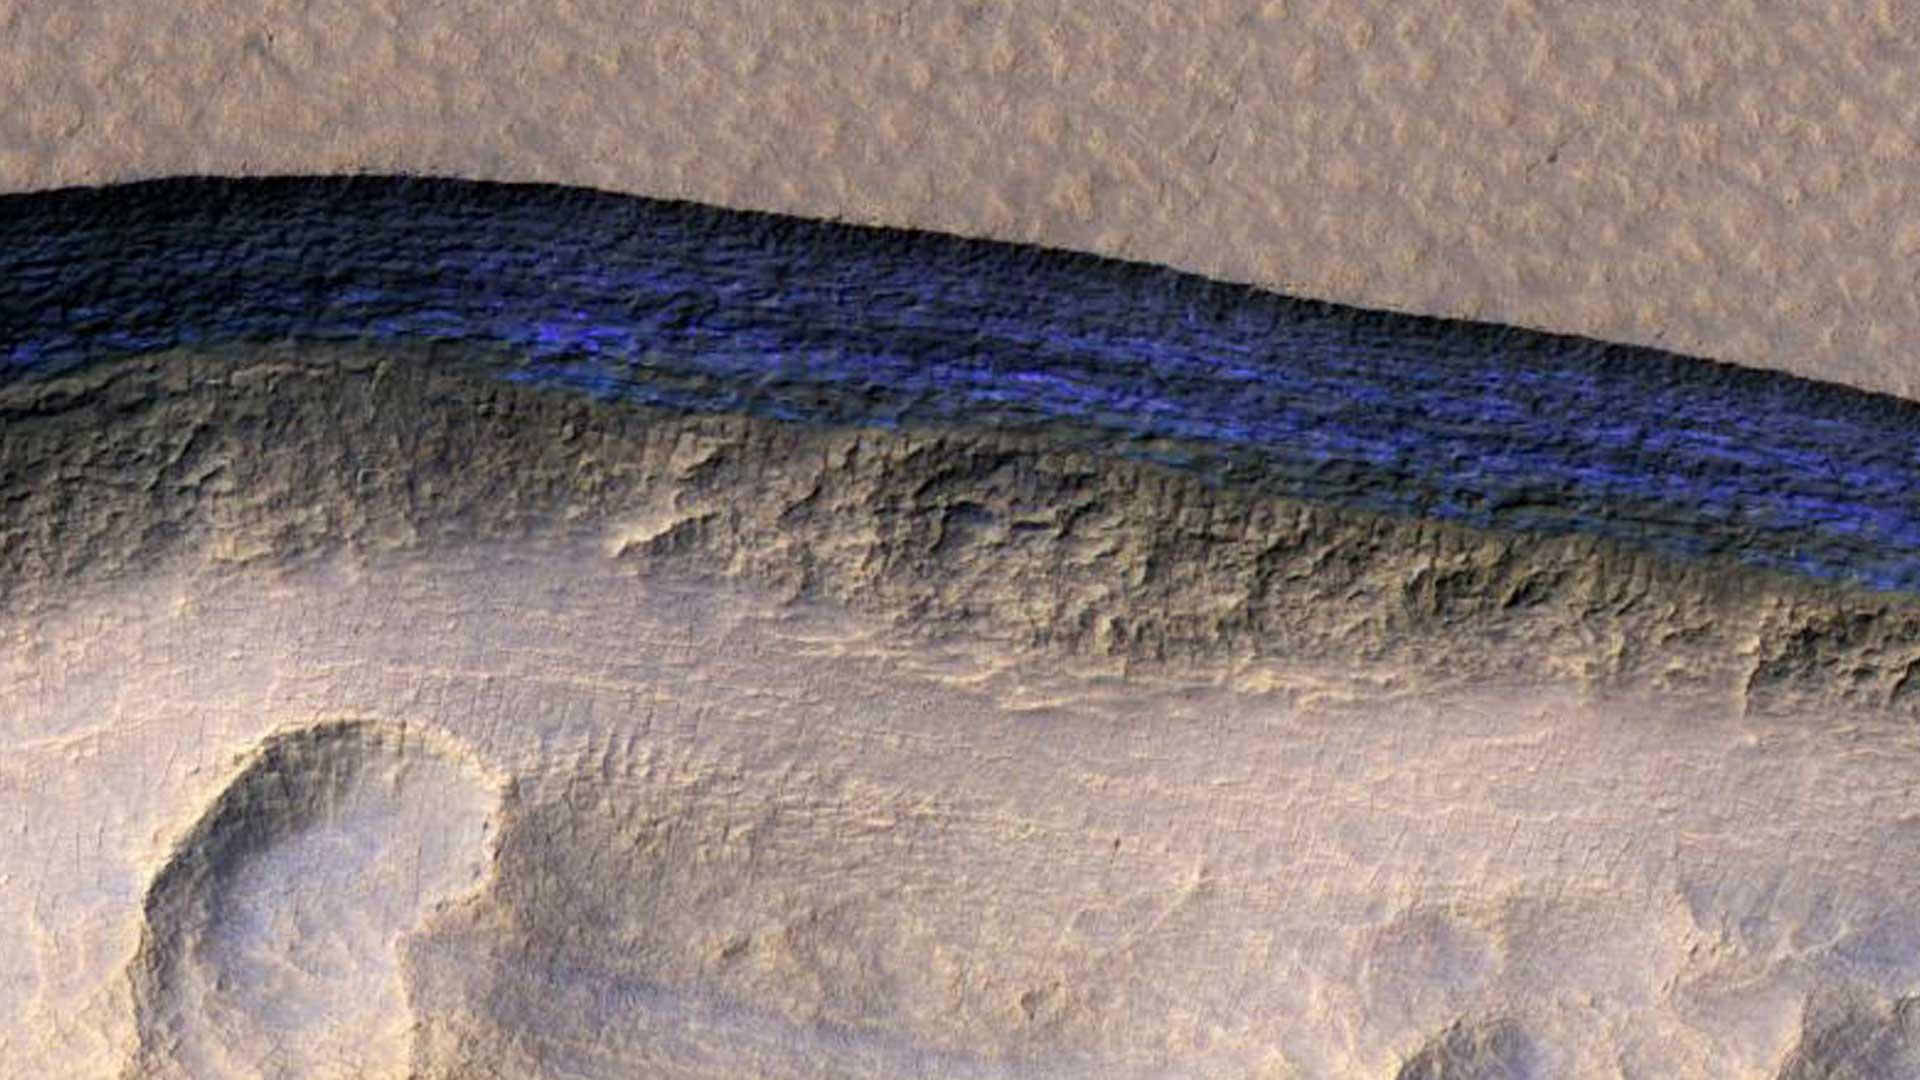 La NASA revela imágenes de las enormes reservas de agua descubiertas por todo Marte